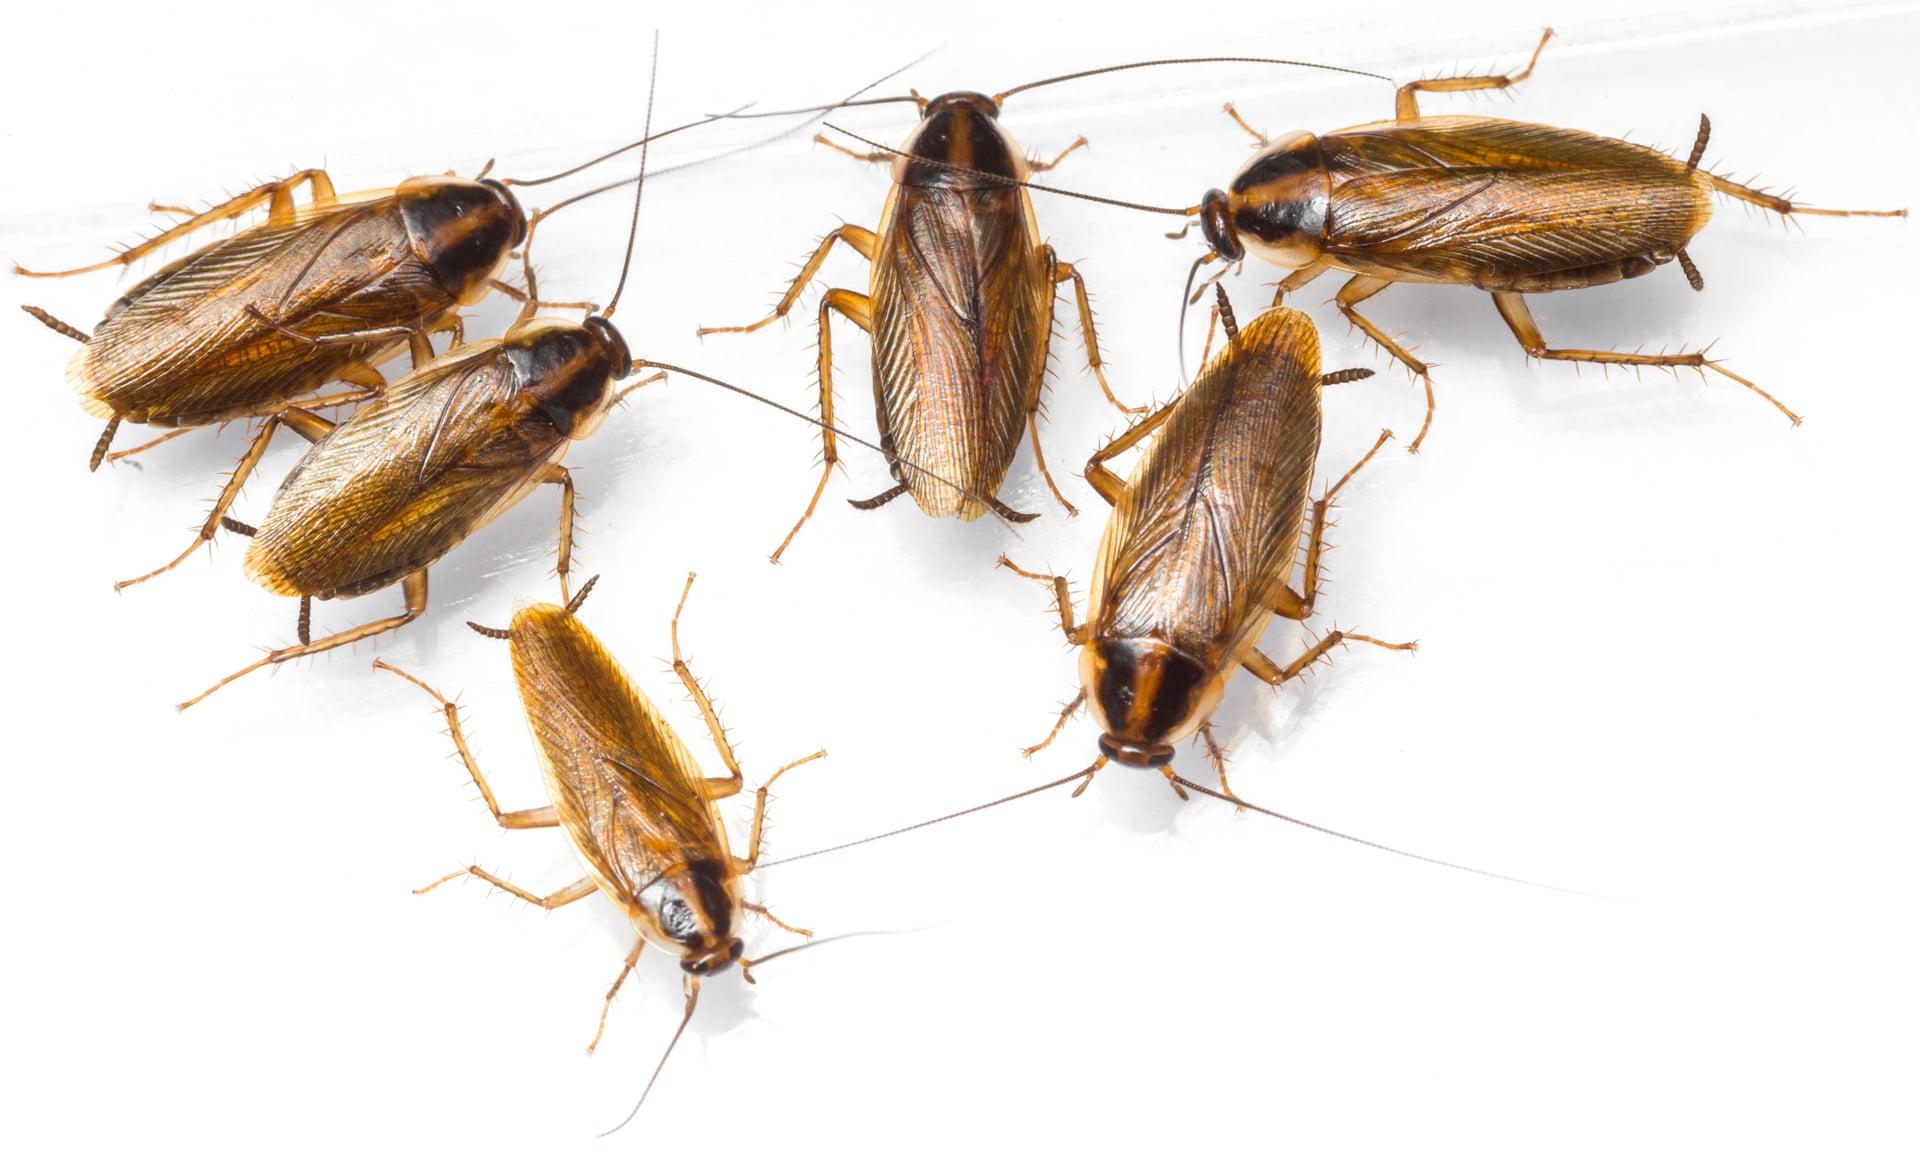 In futuro gli scarafaggi saranno impossibili da uccidere con gli insetticidi